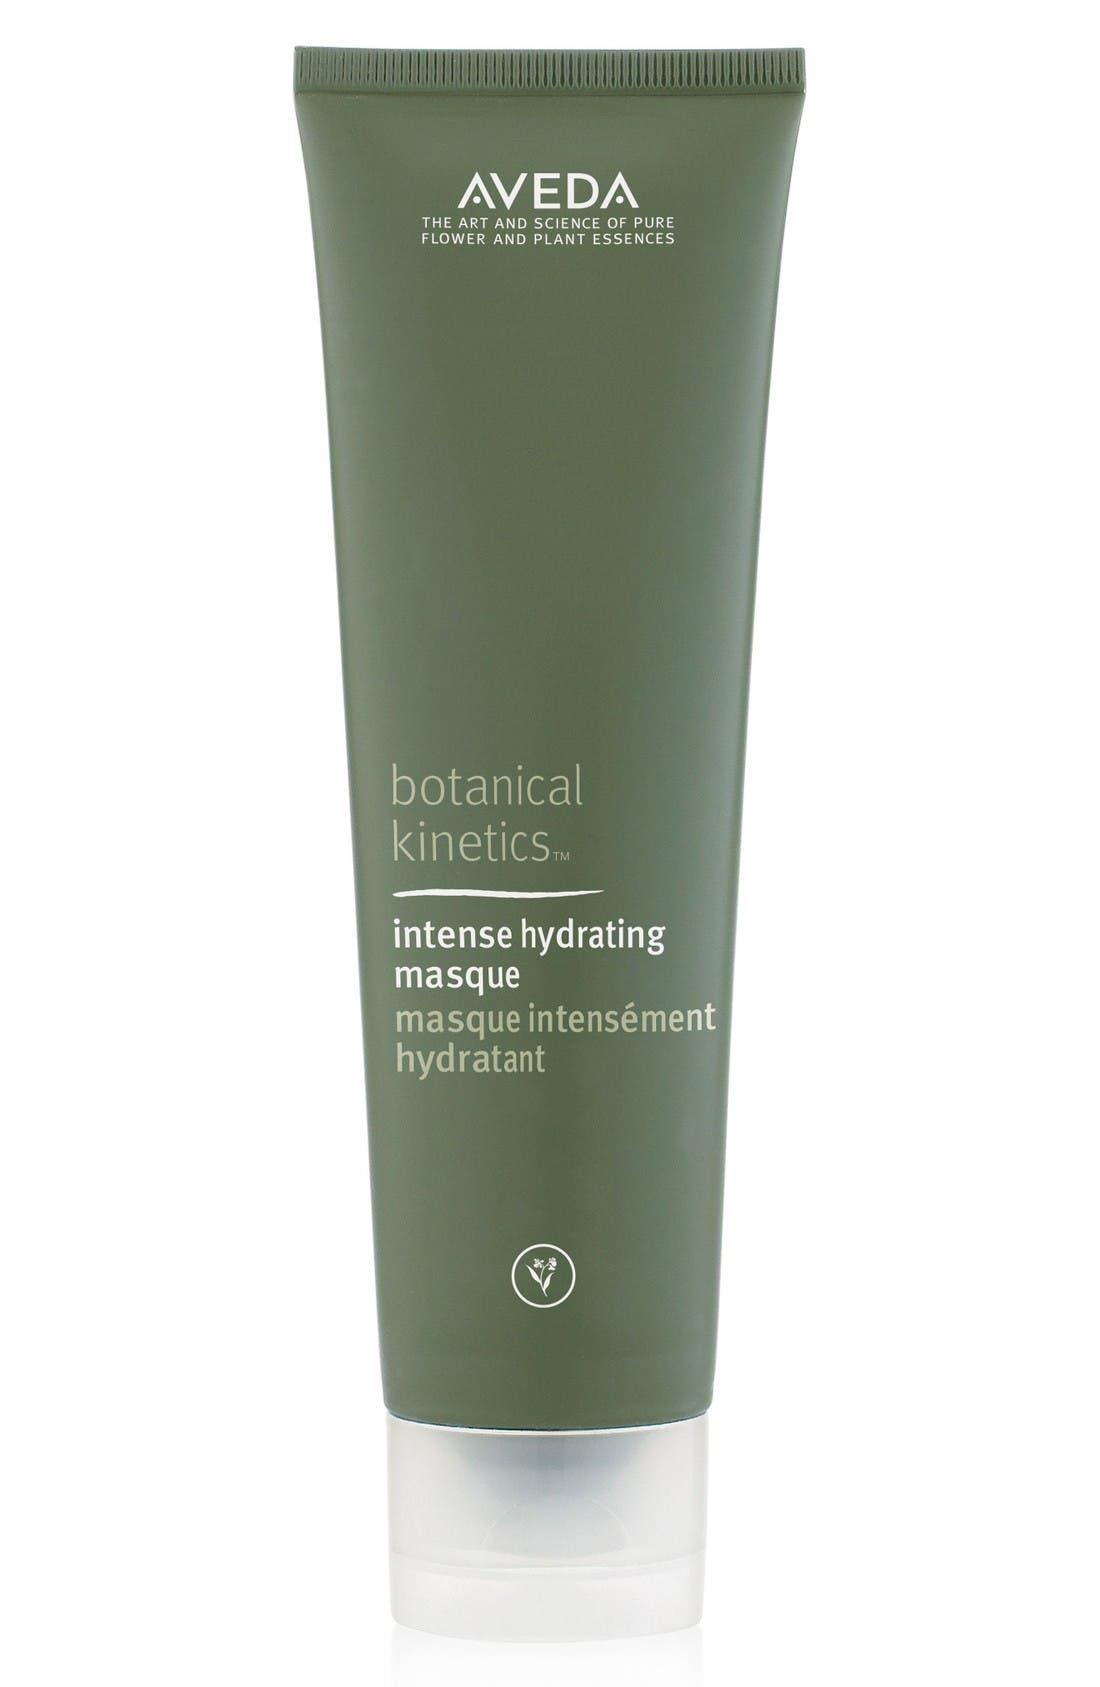 Main Image - Aveda botanical kinetics™ Intense Hydrating Masque